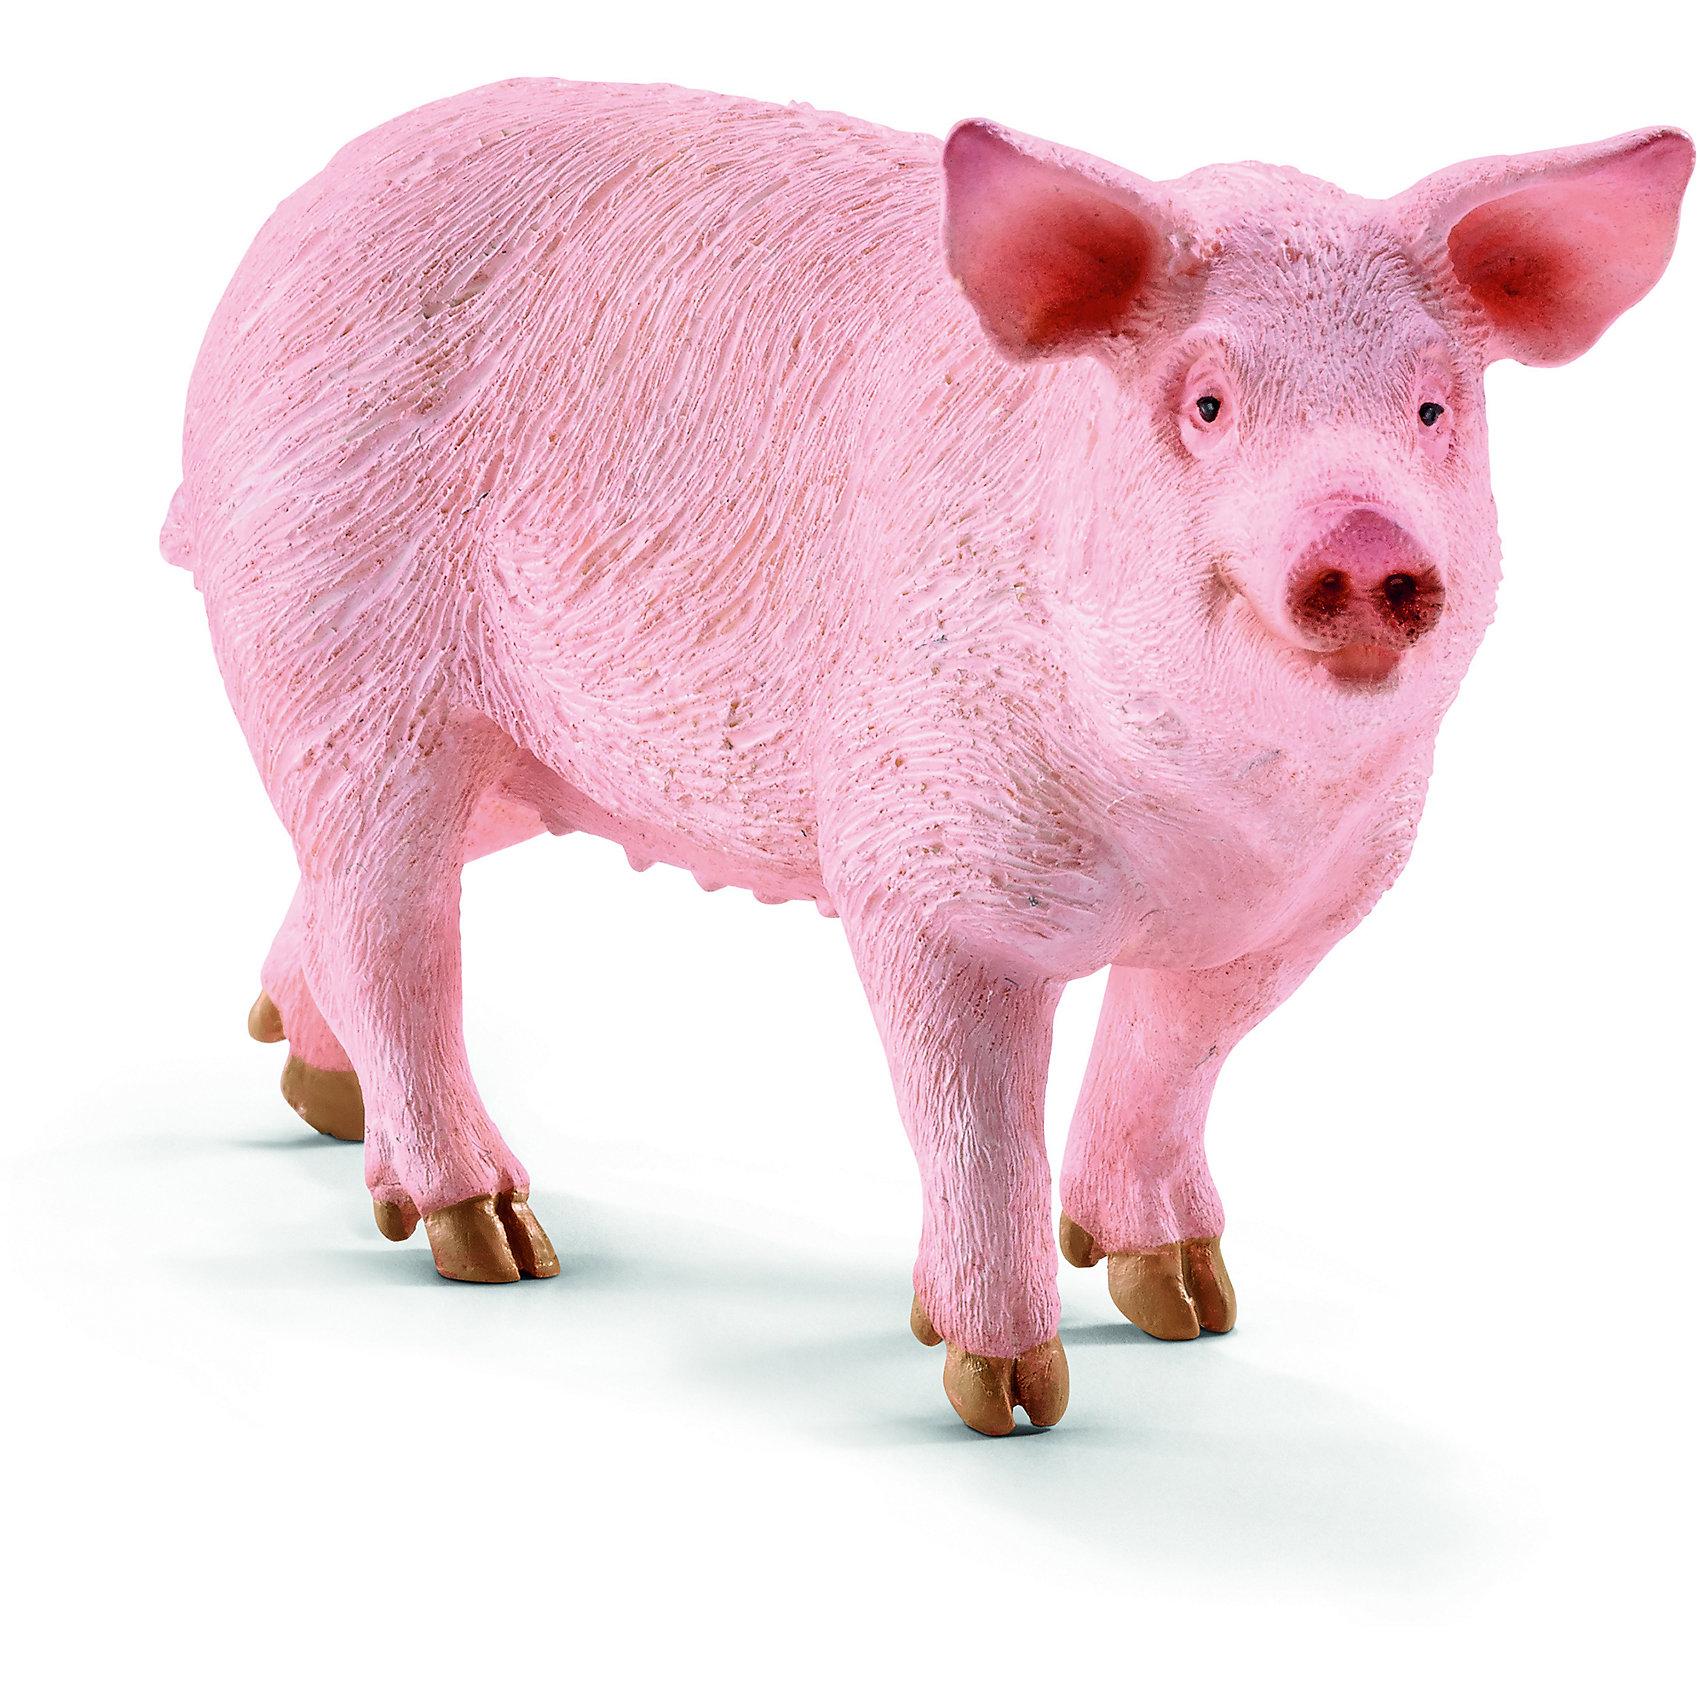 Свинья, SchleichСвинья, Schleich (Шляйх) – это высококачественная коллекционная и игровая фигурка.<br>Фигурка Свиньи прекрасно разнообразит игру вашего ребенка и станет отличным пополнением коллекции его фигурок животных. Свиньи являются одним из важнейших сельскохозяйственных животных. Бытует ошибочное мнение, что свиньи имеют пристрастие к валянию в грязи просто из любви к ней; на самом деле свиньи, таким образом, избавляются от кожных паразитов: высыхая, грязь отпадает вместе с паразитами. Кроме того, валяние в грязи служит им для охлаждения организма в жаркую погоду. Свиньи, являются очень умными животными и легко поддаются дрессировки. <br><br>Прекрасно выполненные фигурки Schleich (Шляйх) являются максимально точной копией настоящих животных и отличаются высочайшим качеством игрушек ручной работы. Каждая фигурка разработана с учетом исследований в области педагогики и производится как настоящее произведение для маленьких детских ручек. Все фигурки Schleich (Шляйх) сделаны из гипоаллергенных высокотехнологичных материалов, раскрашены вручную и не вызывают аллергии у ребенка.<br><br>Дополнительная информация:<br><br>- Размер фигурки: 5,7 x 1,5 x 3,2 см.<br>- Материал: высококачественный каучуковый пластик<br><br>Фигурку Свиньи, Schleich (Шляйх) можно купить в нашем интернет-магазине.<br><br>Ширина мм: 102<br>Глубина мм: 53<br>Высота мм: 32<br>Вес г: 58<br>Возраст от месяцев: 36<br>Возраст до месяцев: 96<br>Пол: Унисекс<br>Возраст: Детский<br>SKU: 3902507